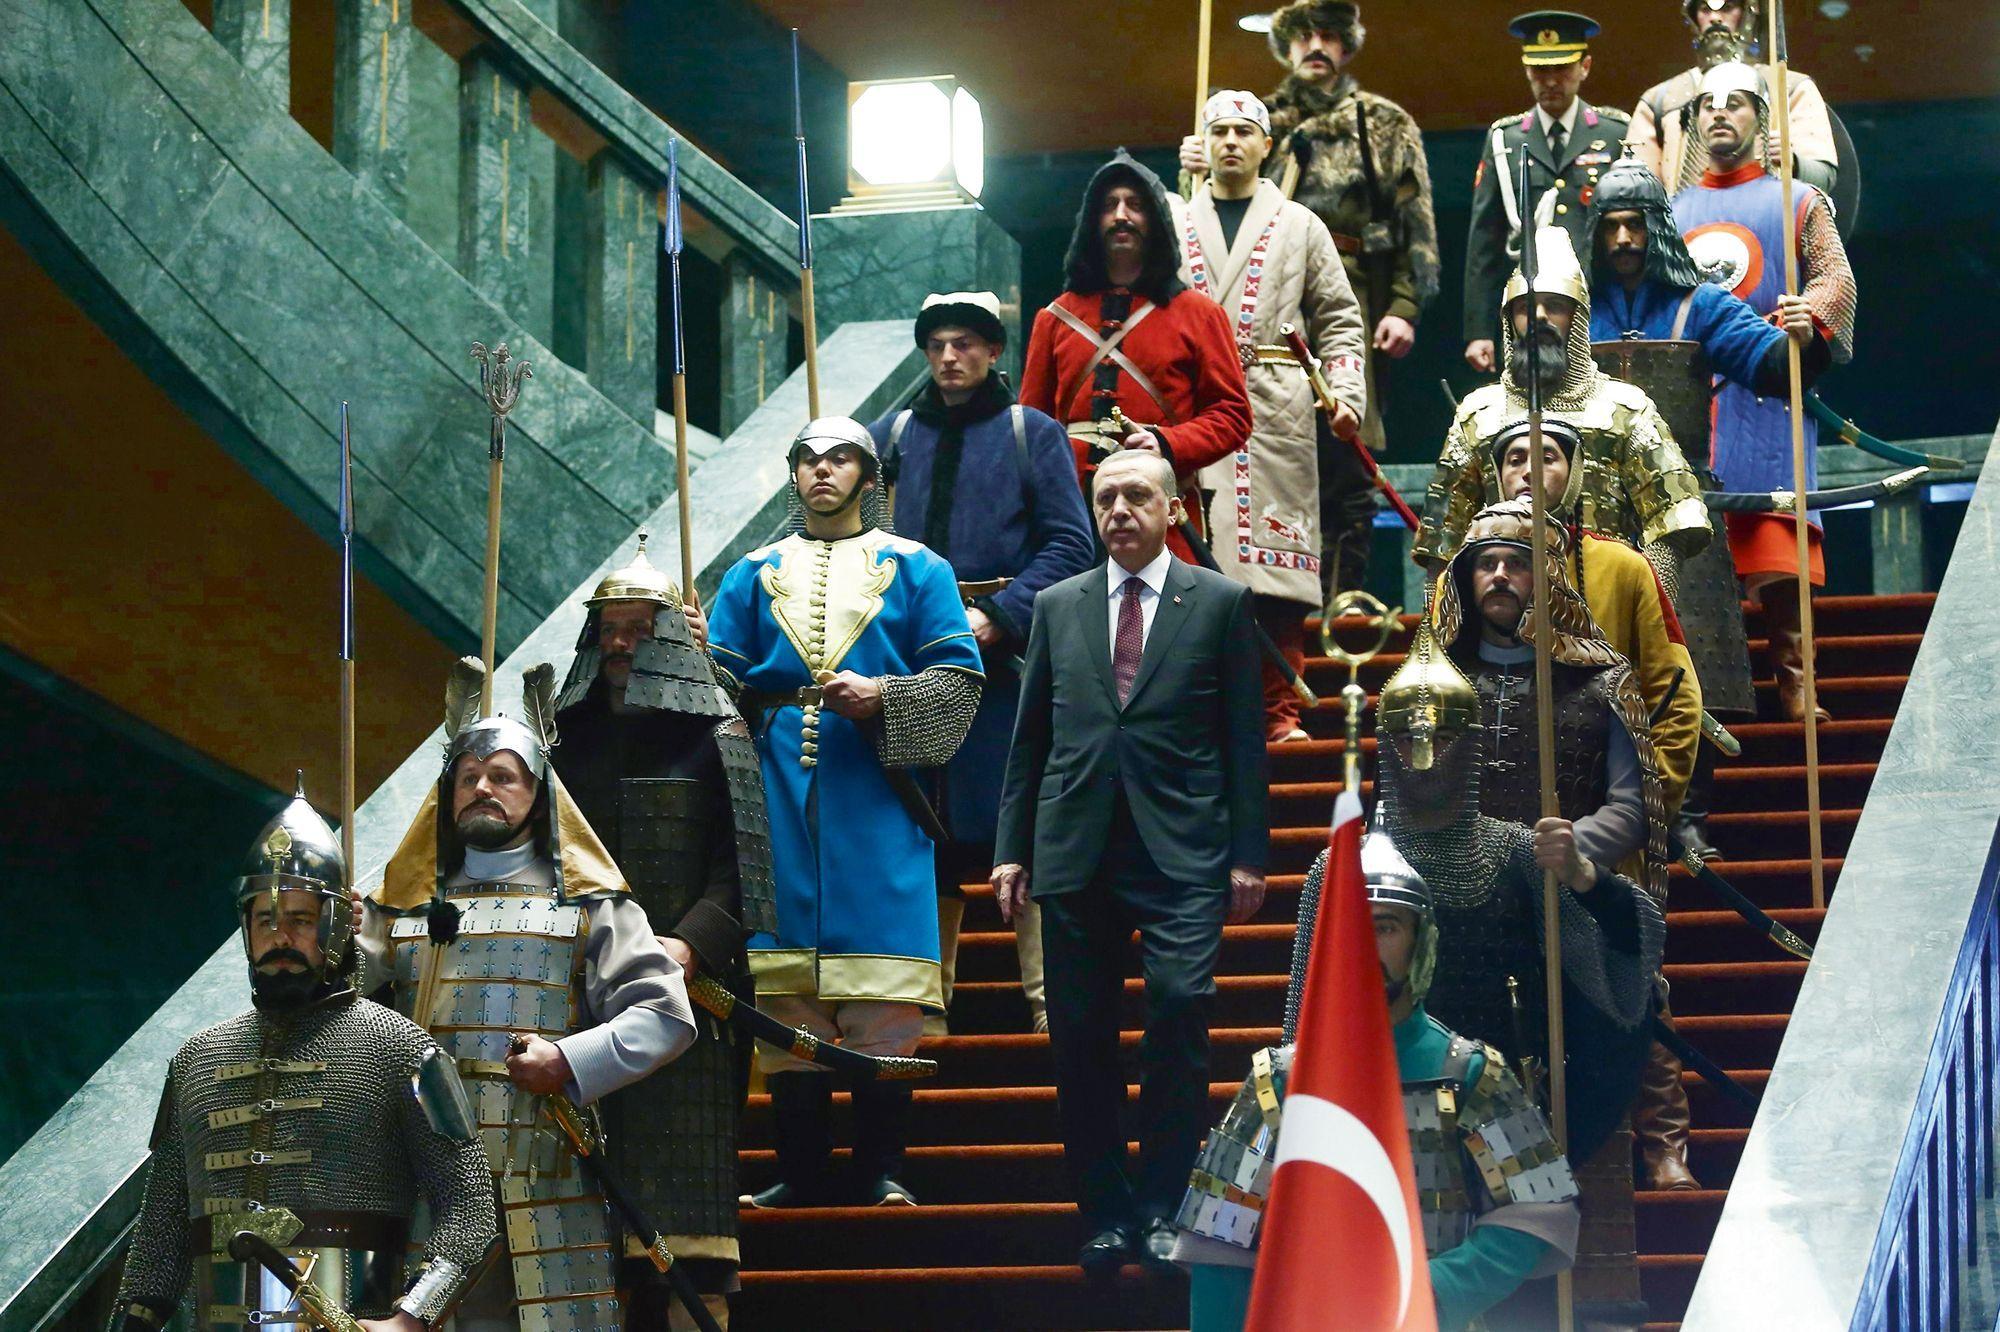 La basilique Sainte-Sophie d'Istanbul, joyau de la chrétienté, redevient mosquée . Erdogan-le-sultan-aux-deux-visages